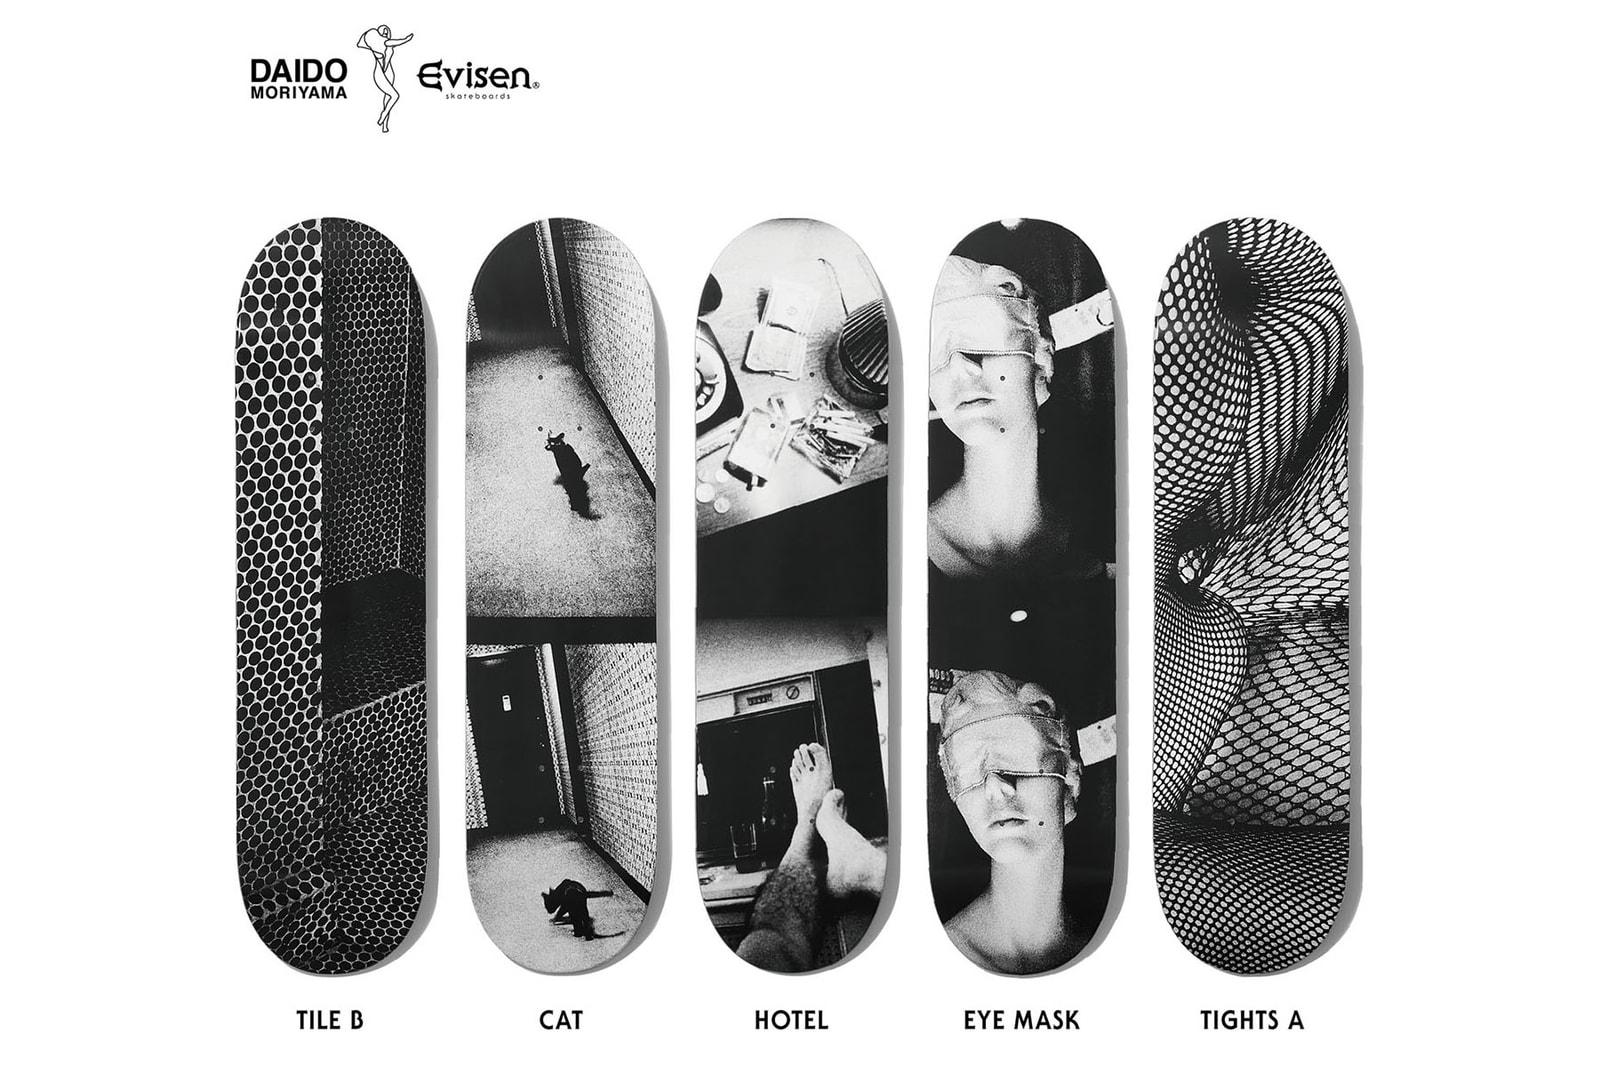 キューコン qucon 写真家 daido moriyama 森山大道 コラボレーション コラボ コレクション evisen Skateboards